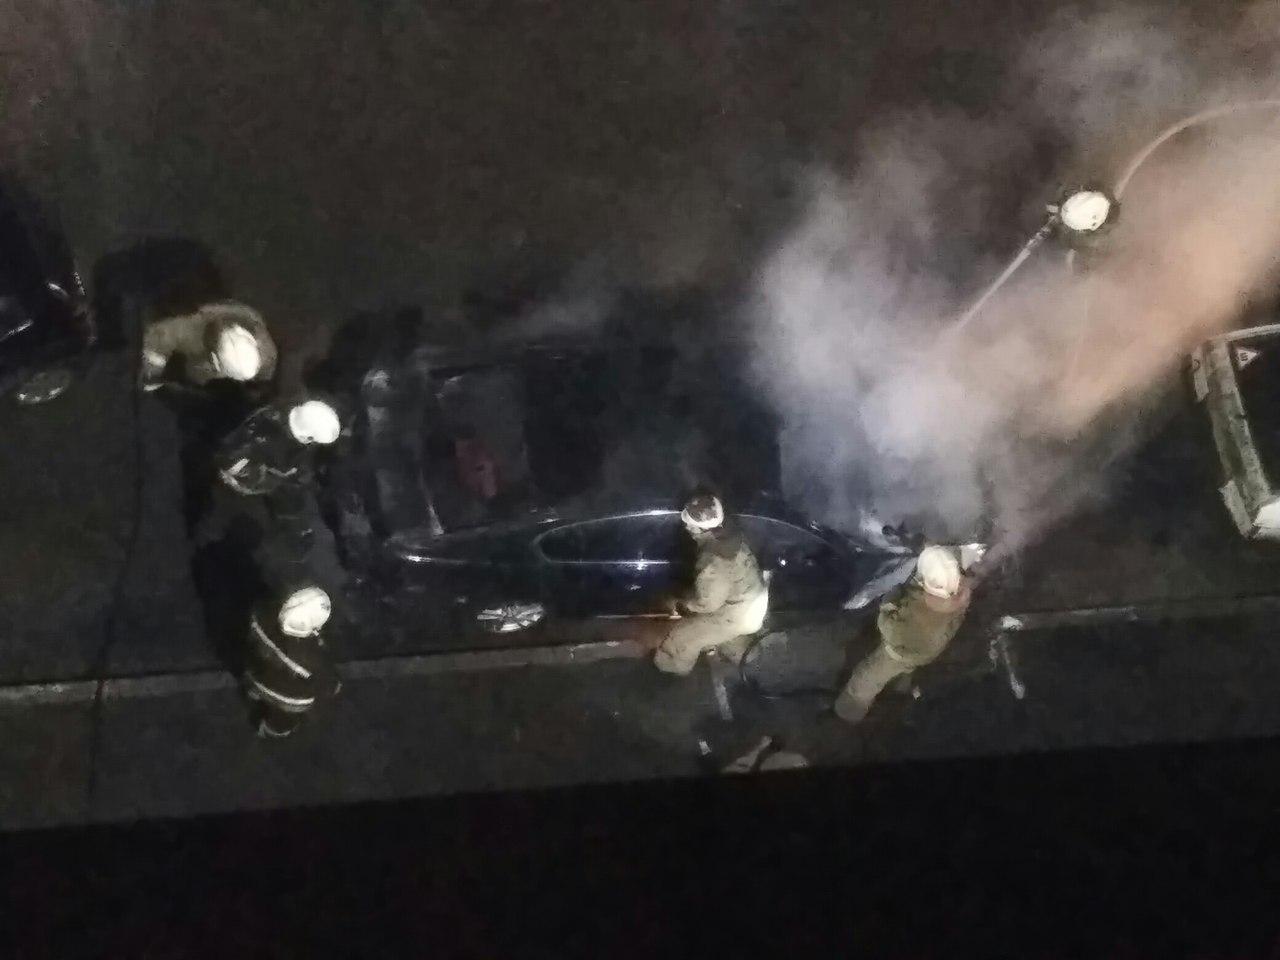 ВОмске наПерелета ночью зажегся автомобиль Лексус